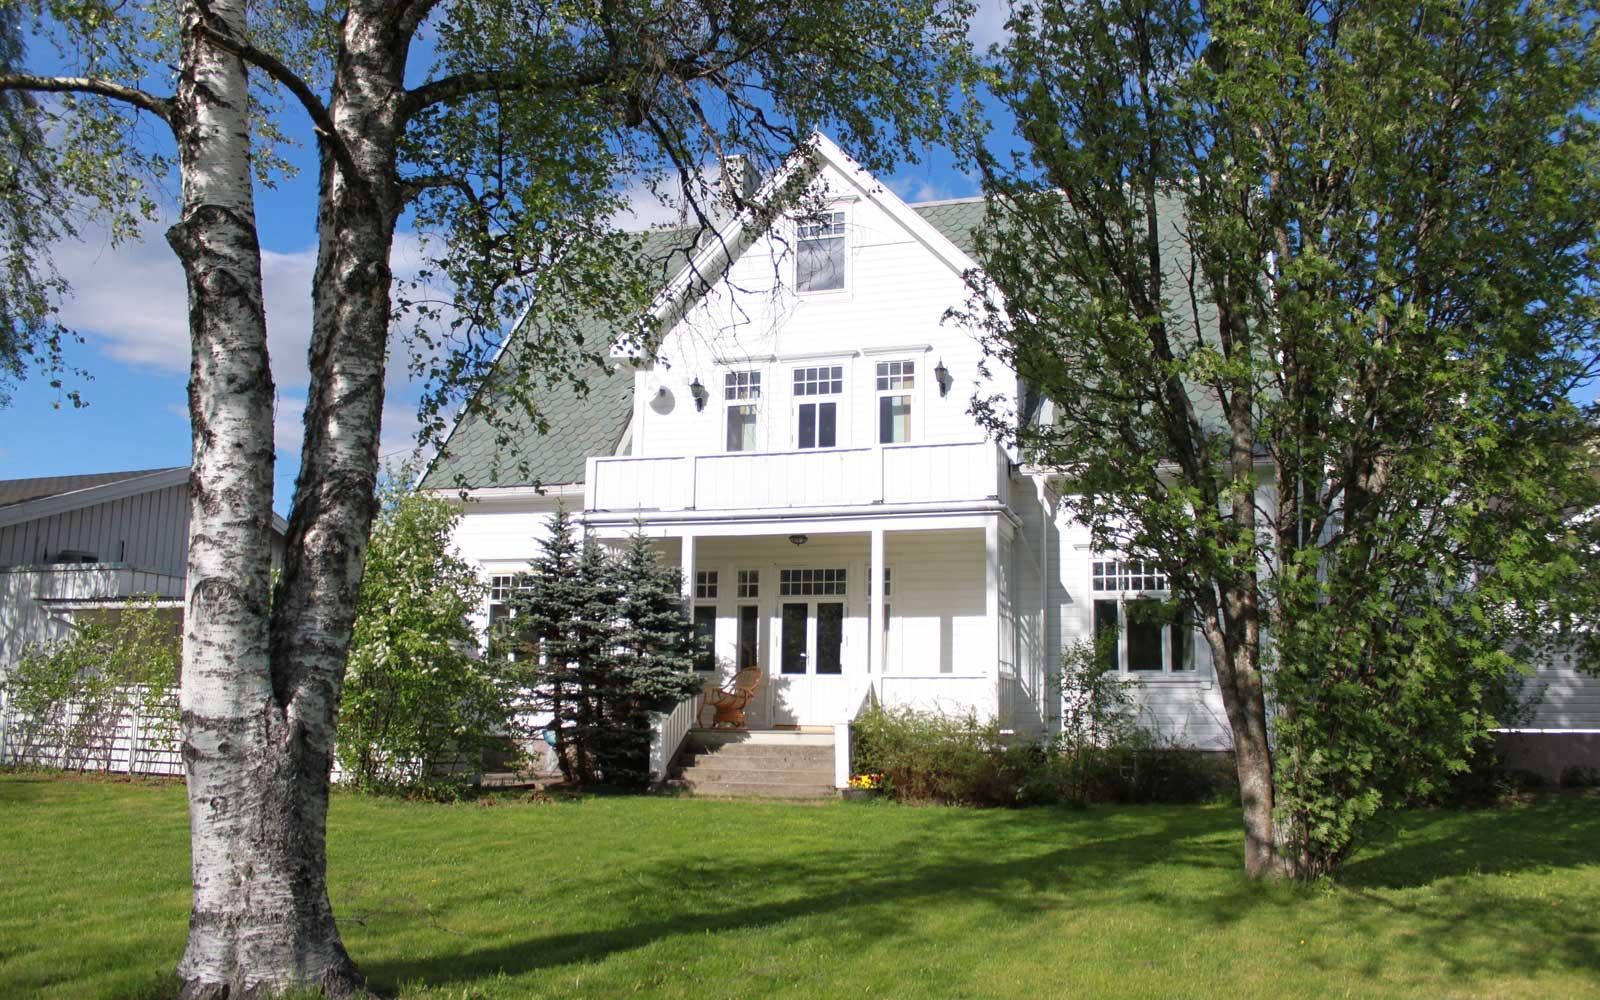 Villa Sole i Trysil Sentrum - Sjumilskogen booking Trysil